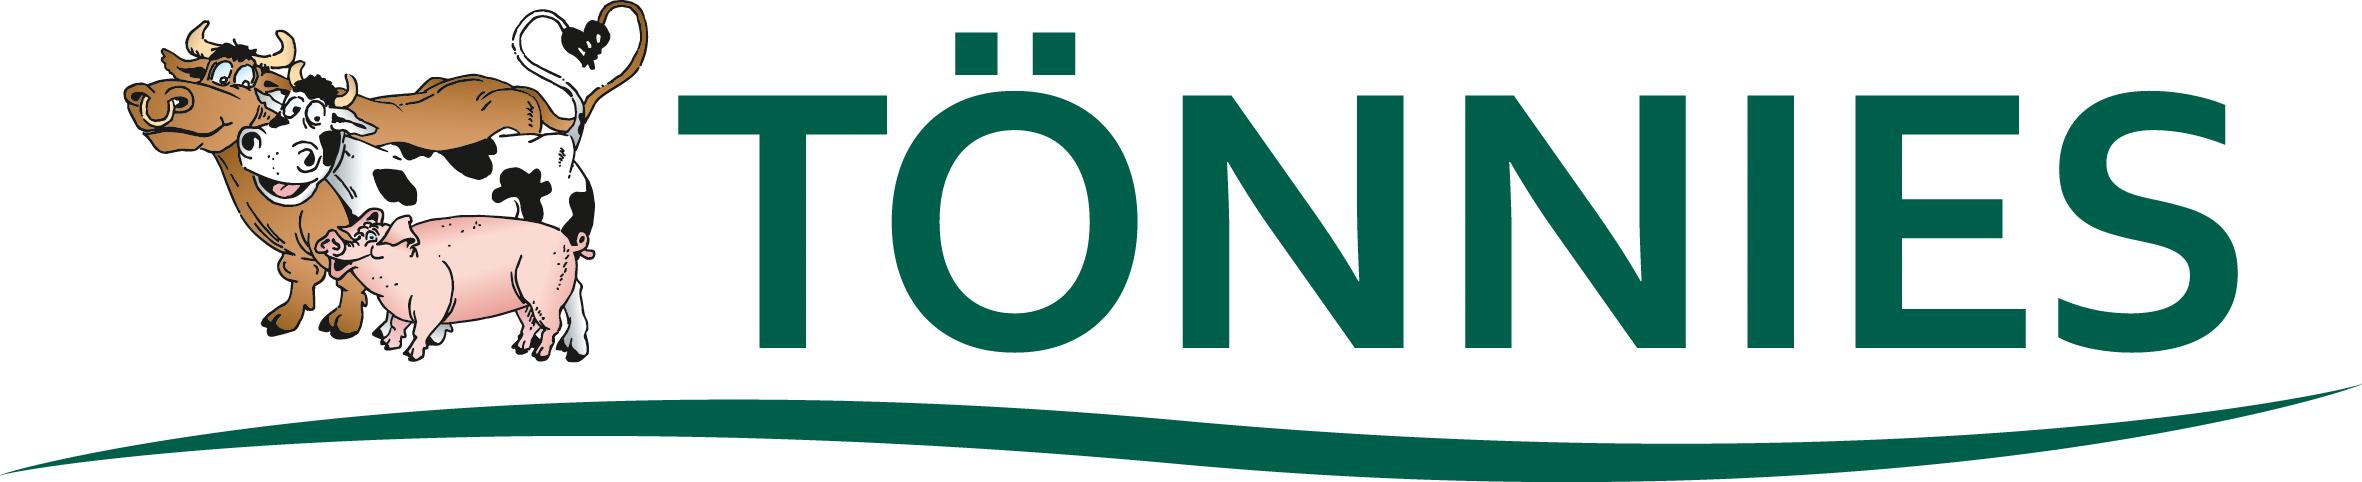 Tönnies Holding GmbH & Co. KG